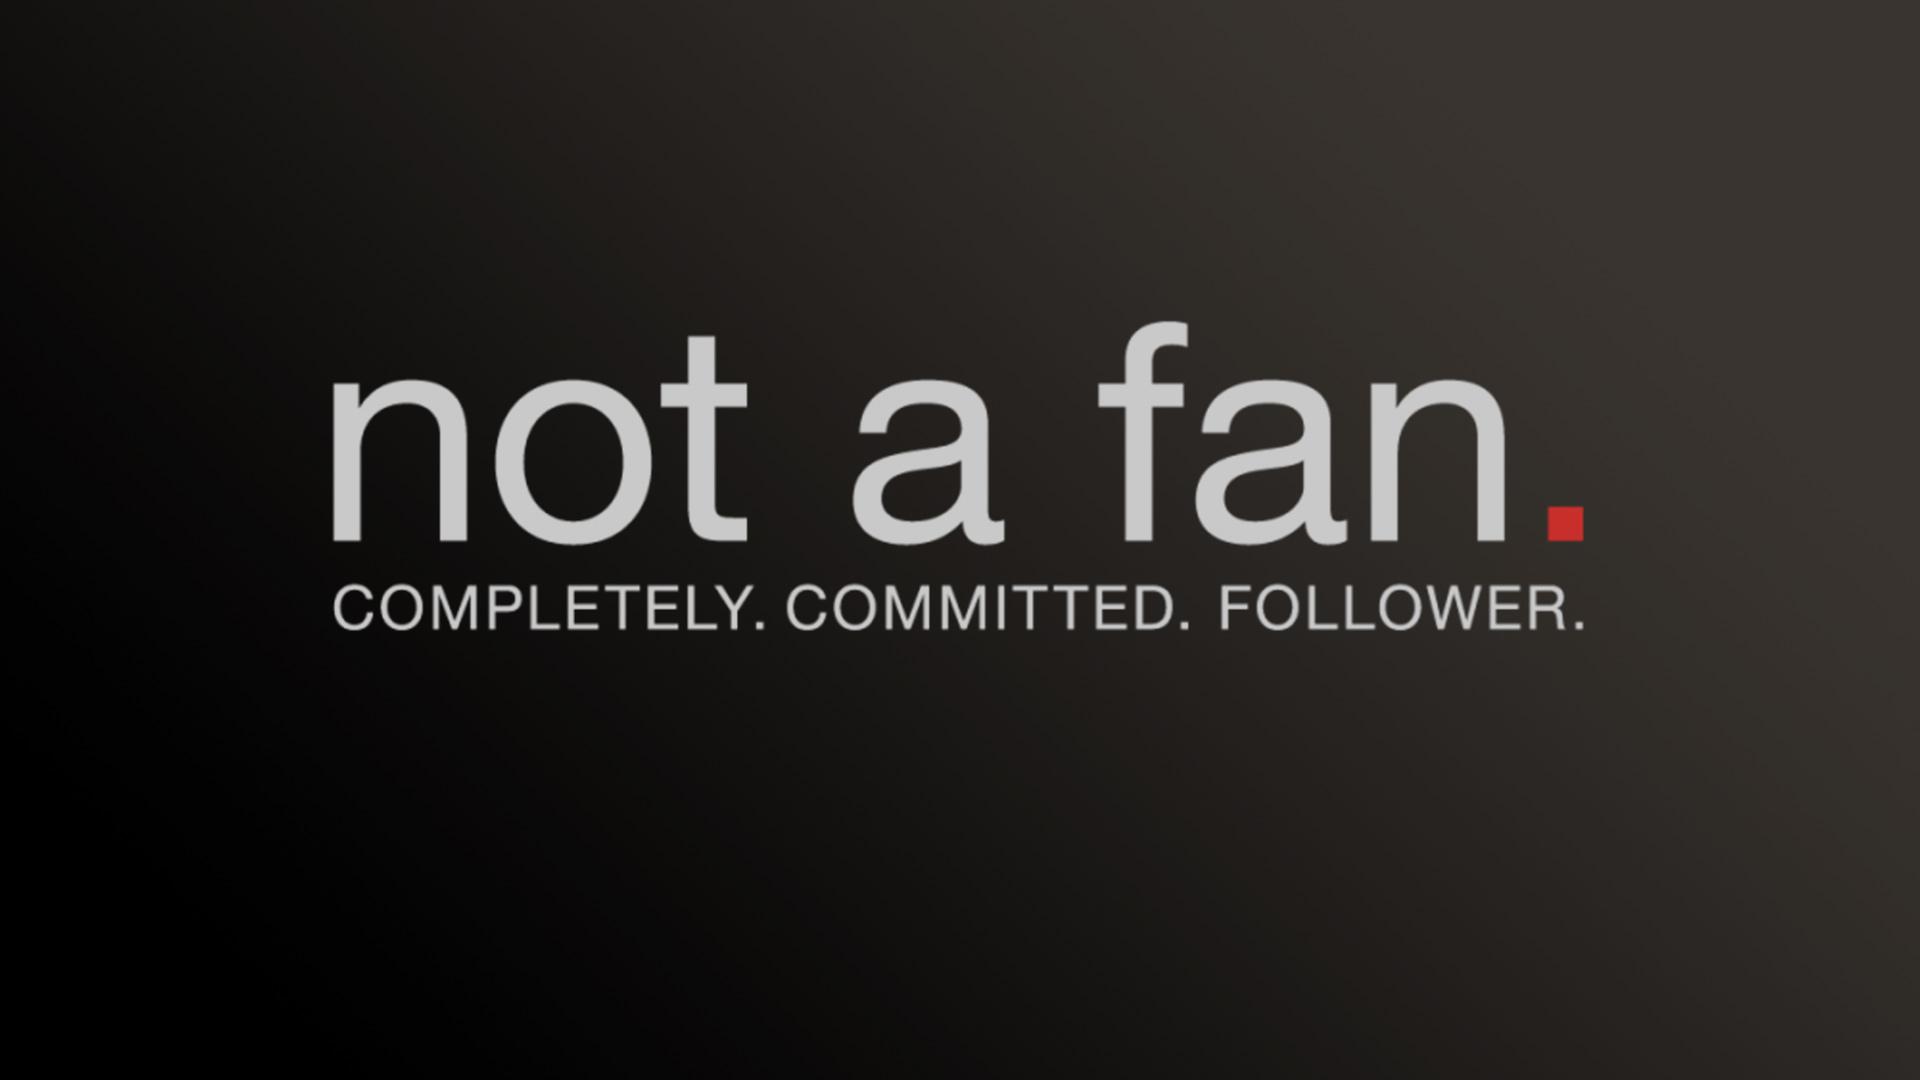 not-a-fan.jpg